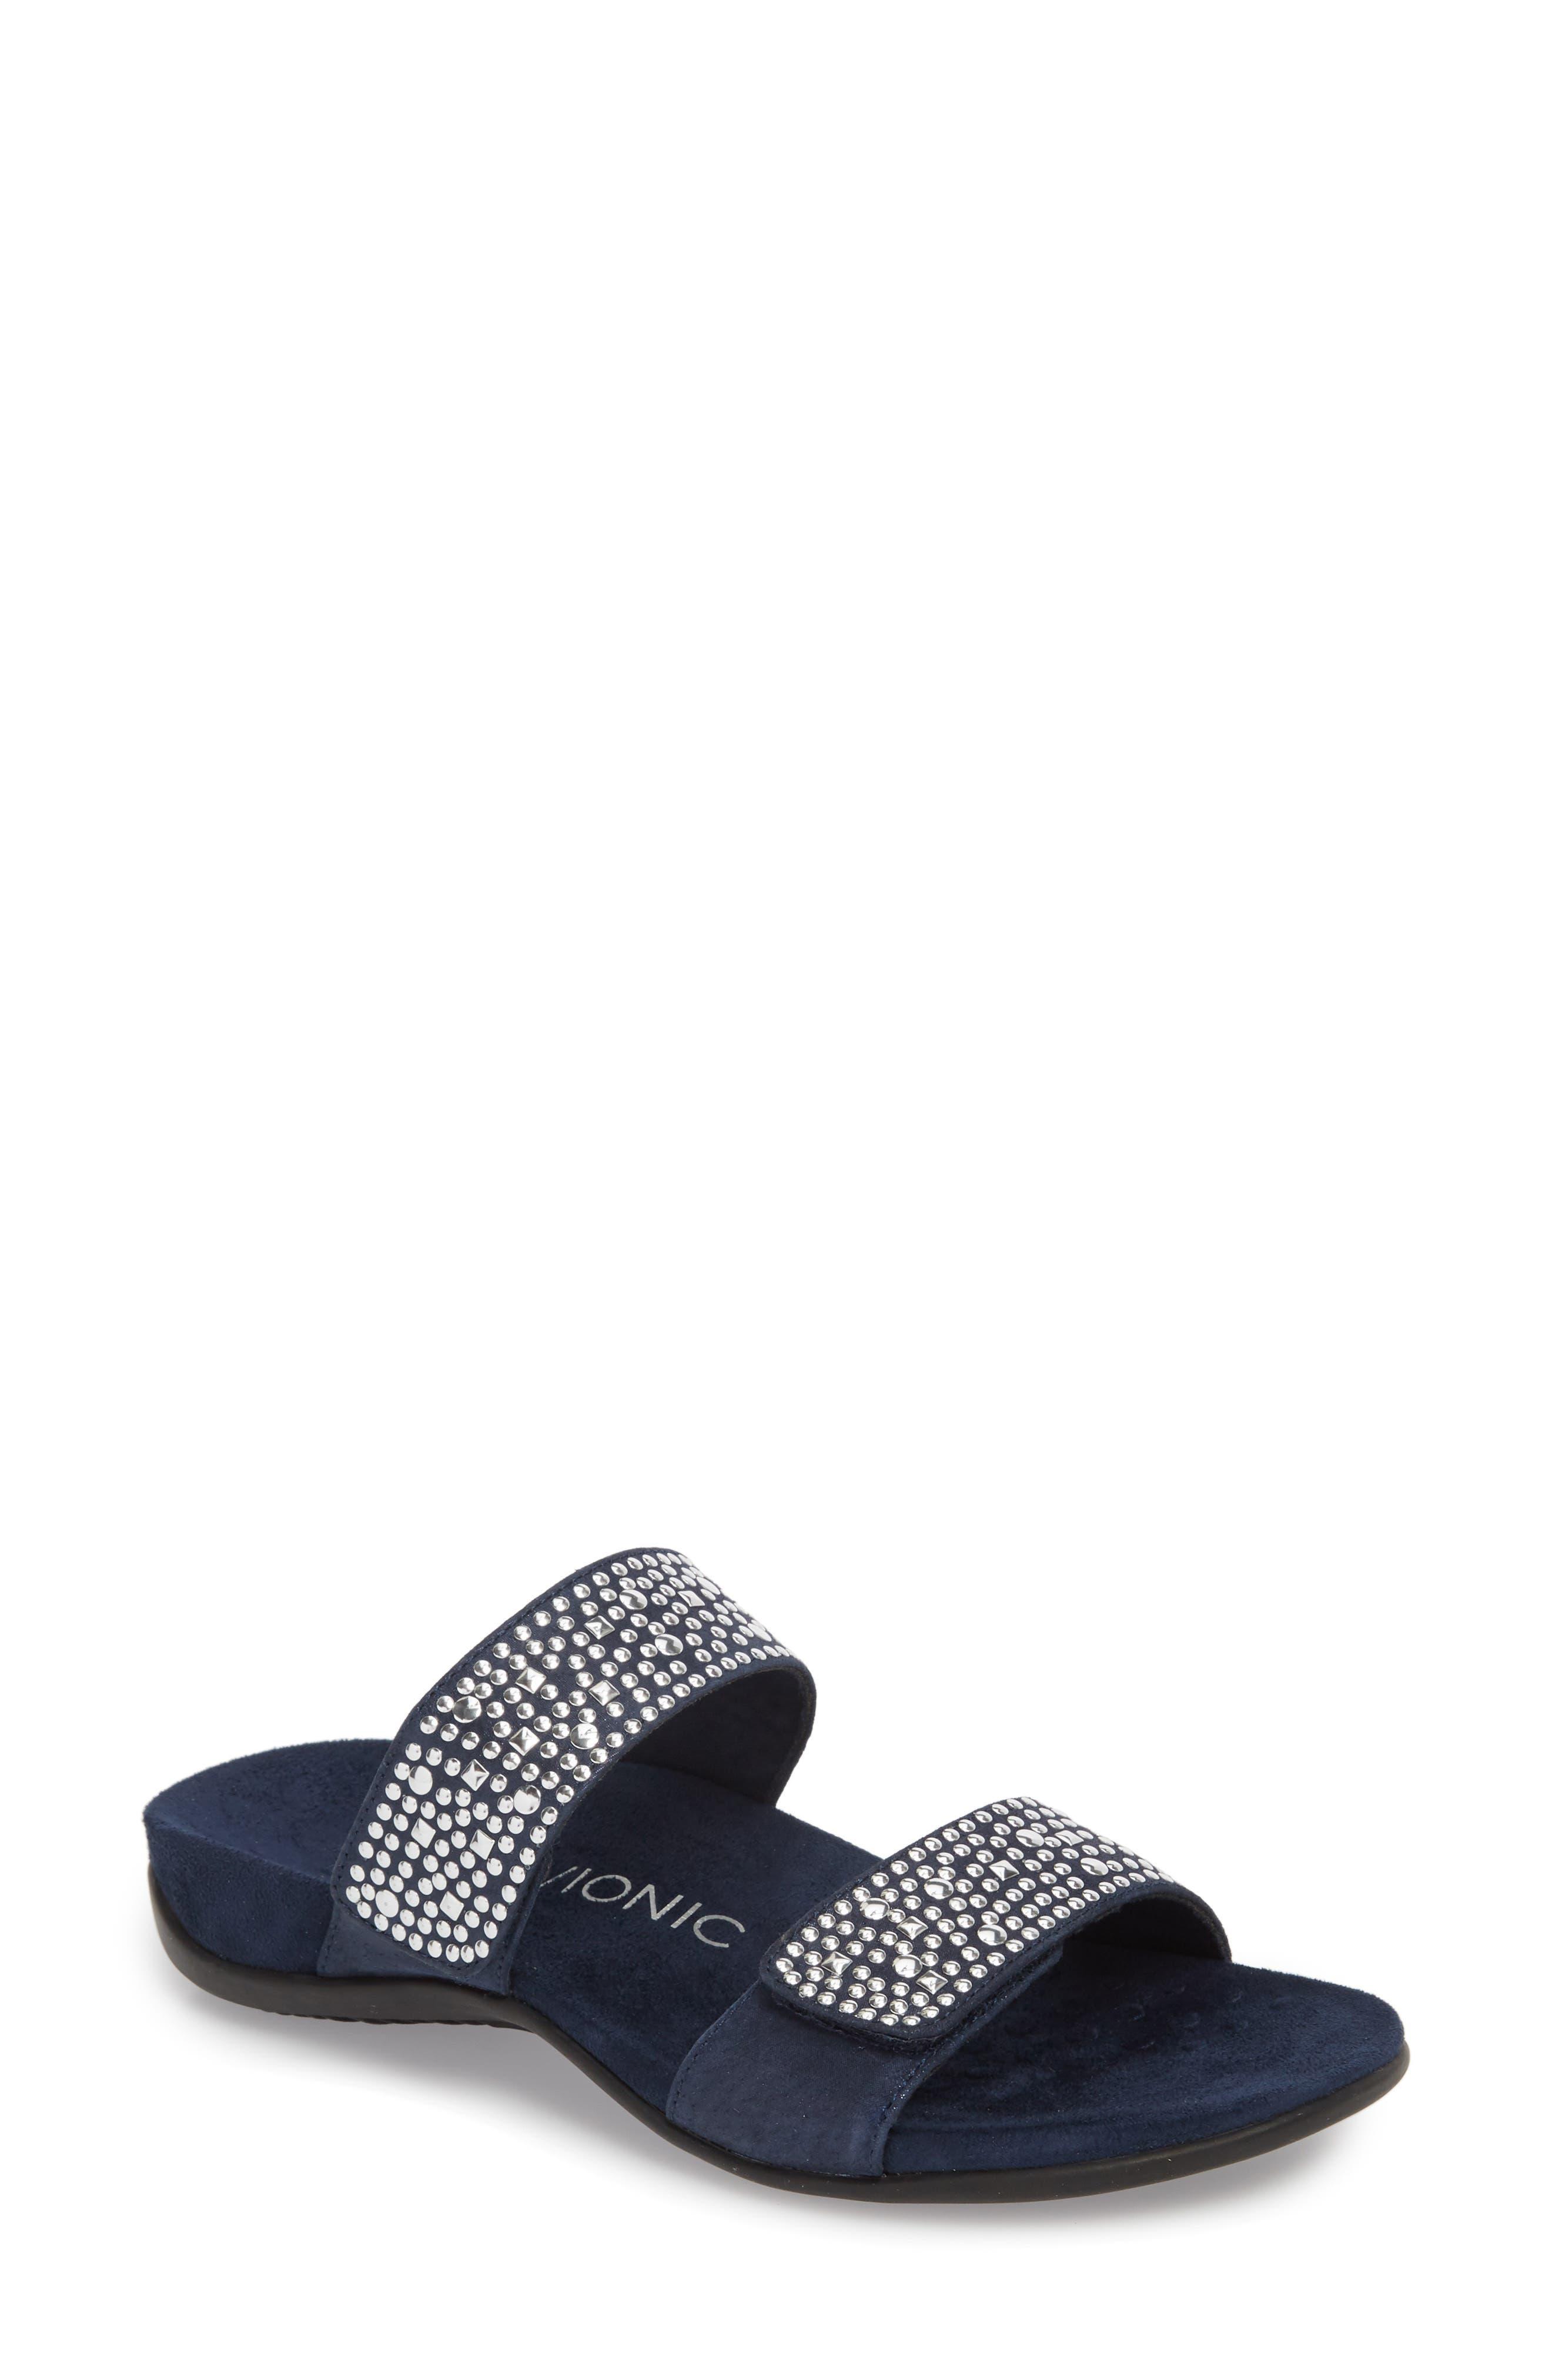 'Samoa' Sandal,                         Main,                         color, Navy Suede